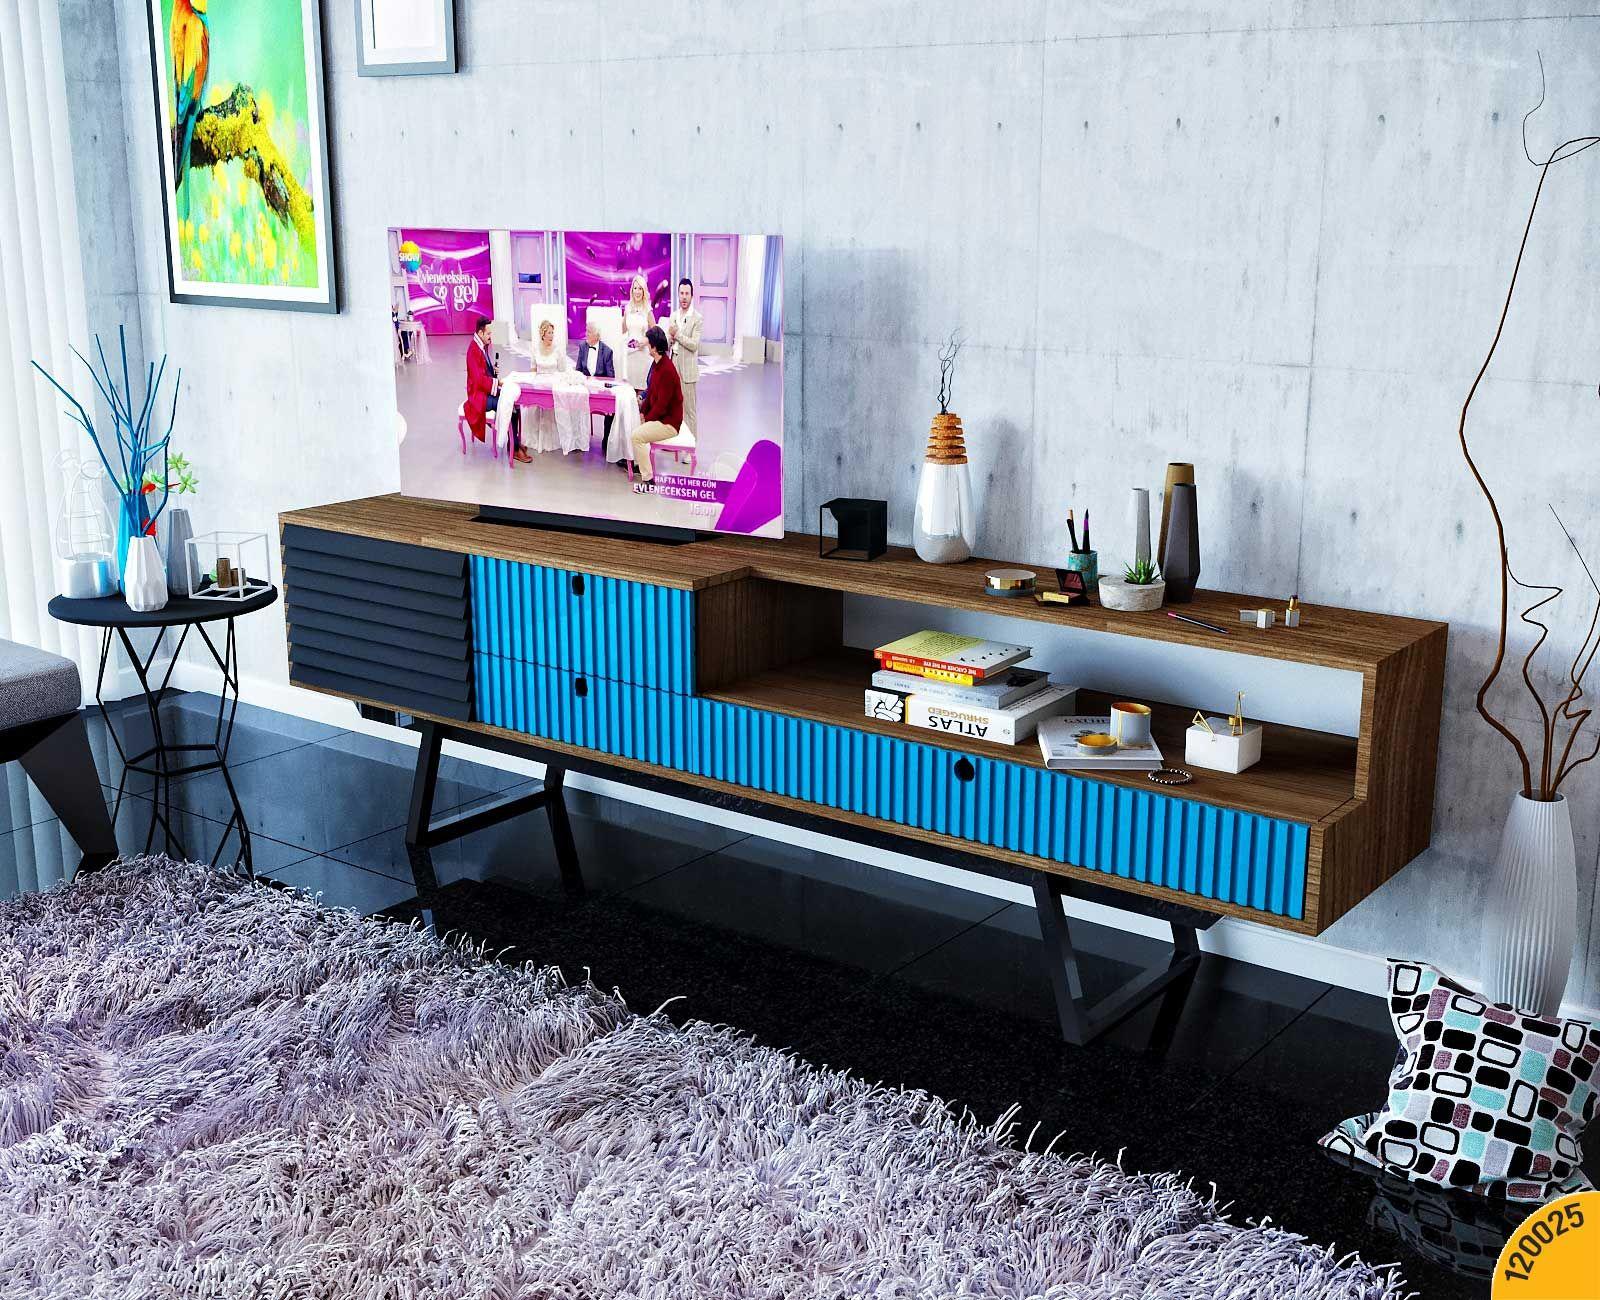 Wunderbar Wechsel Küchenschranktüren Nz Fotos - Ideen Für Die Küche ...